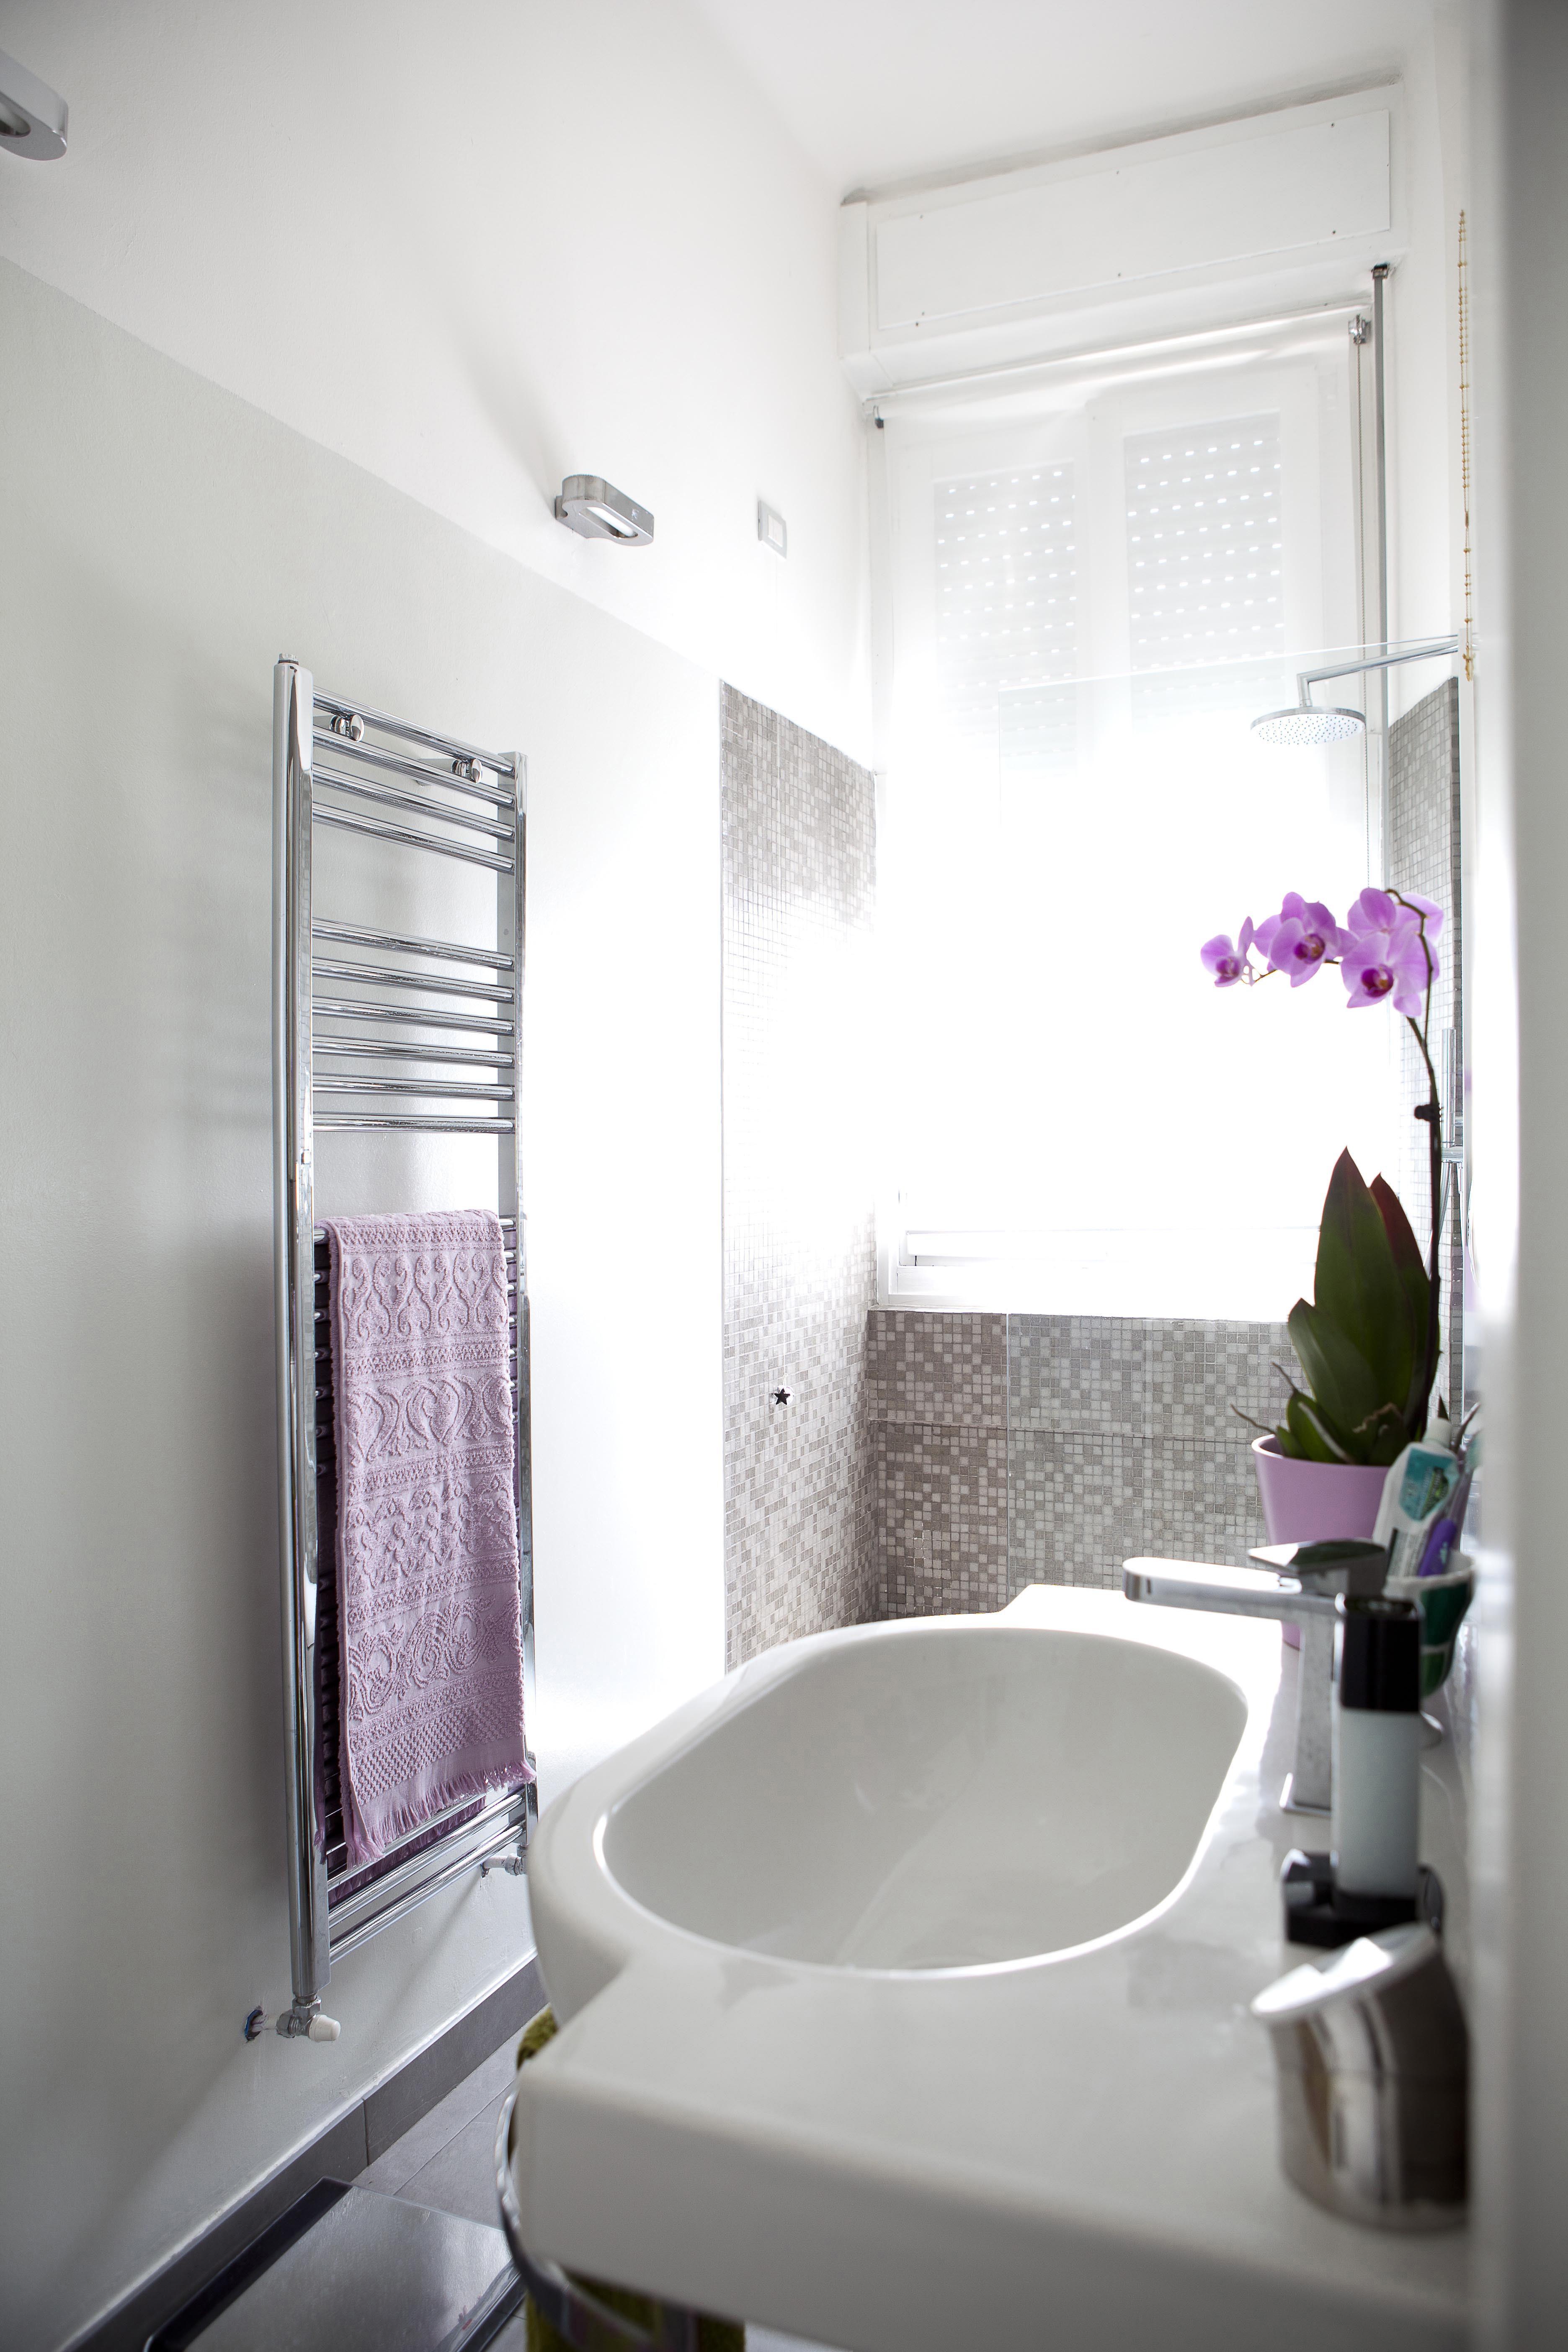 Immagini Di Bagni Piccoli spazi ristretti? 7 idee per arredare un bagno piccolo